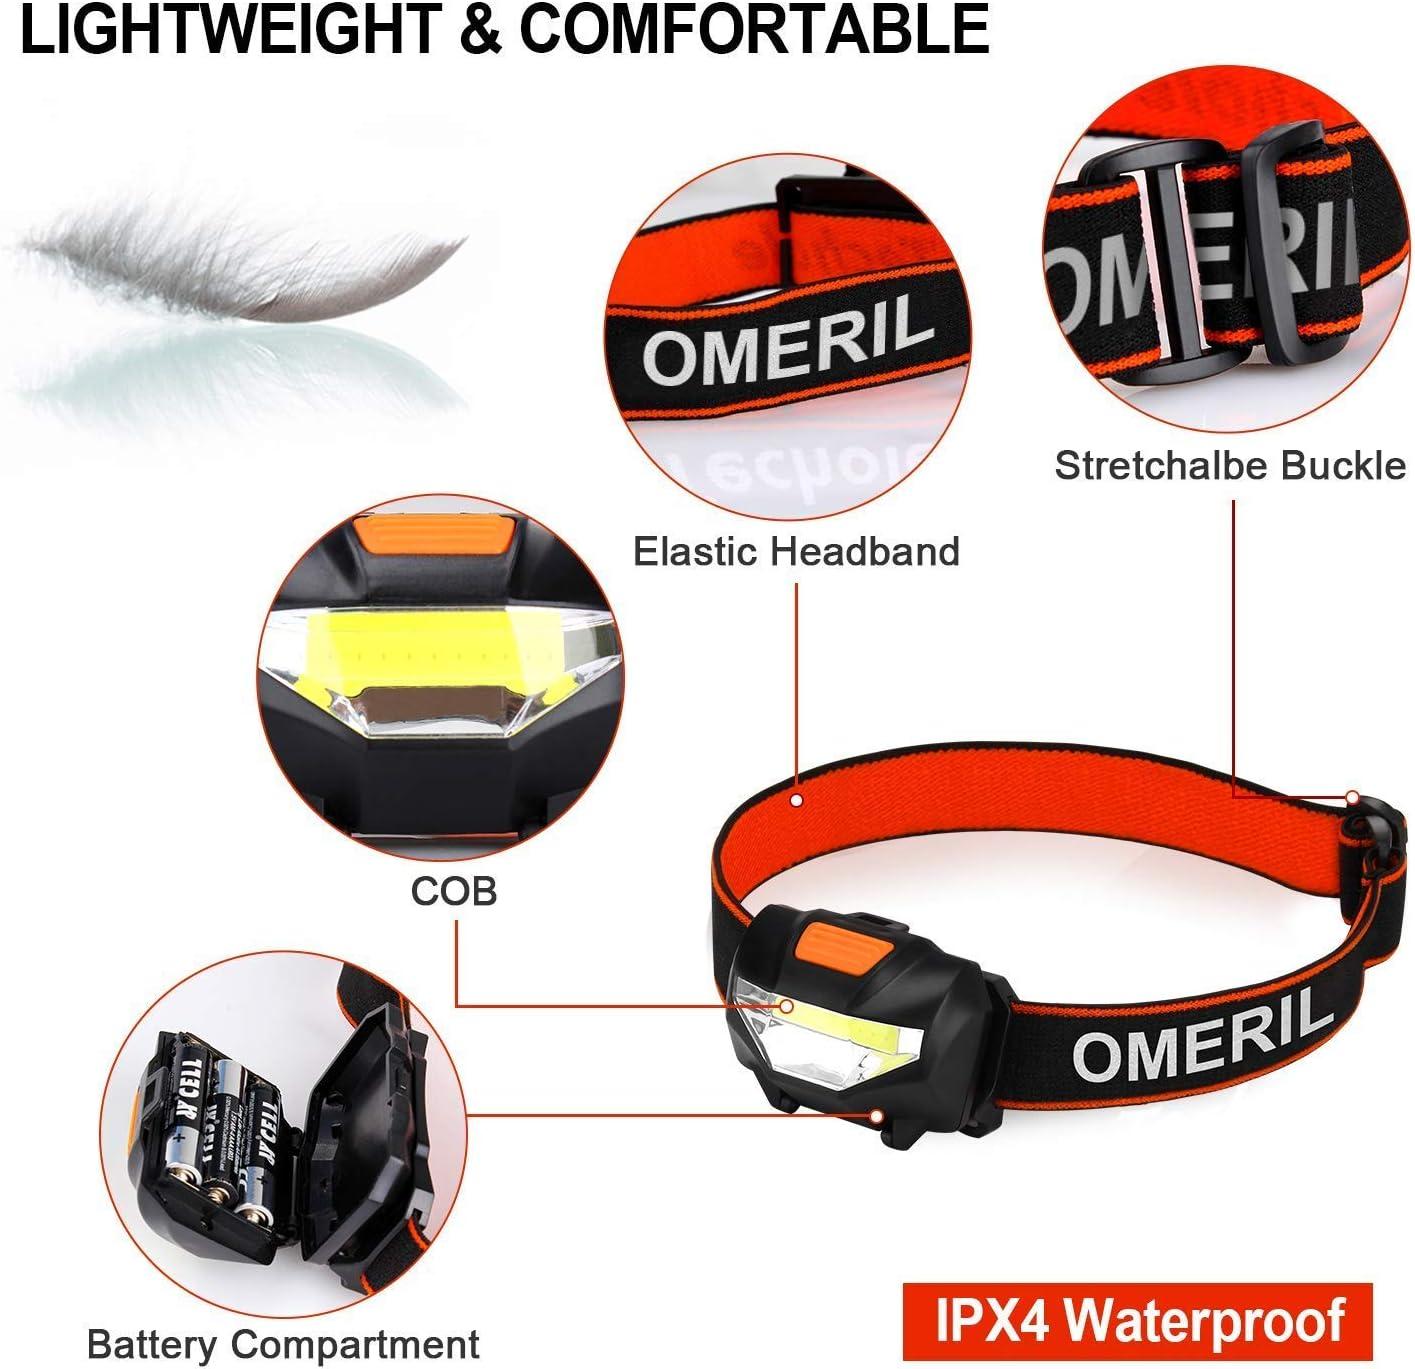 Linterna Frontal LED OMERIL Linterna Cabeza (3 Pilas AAA Incluidas ...